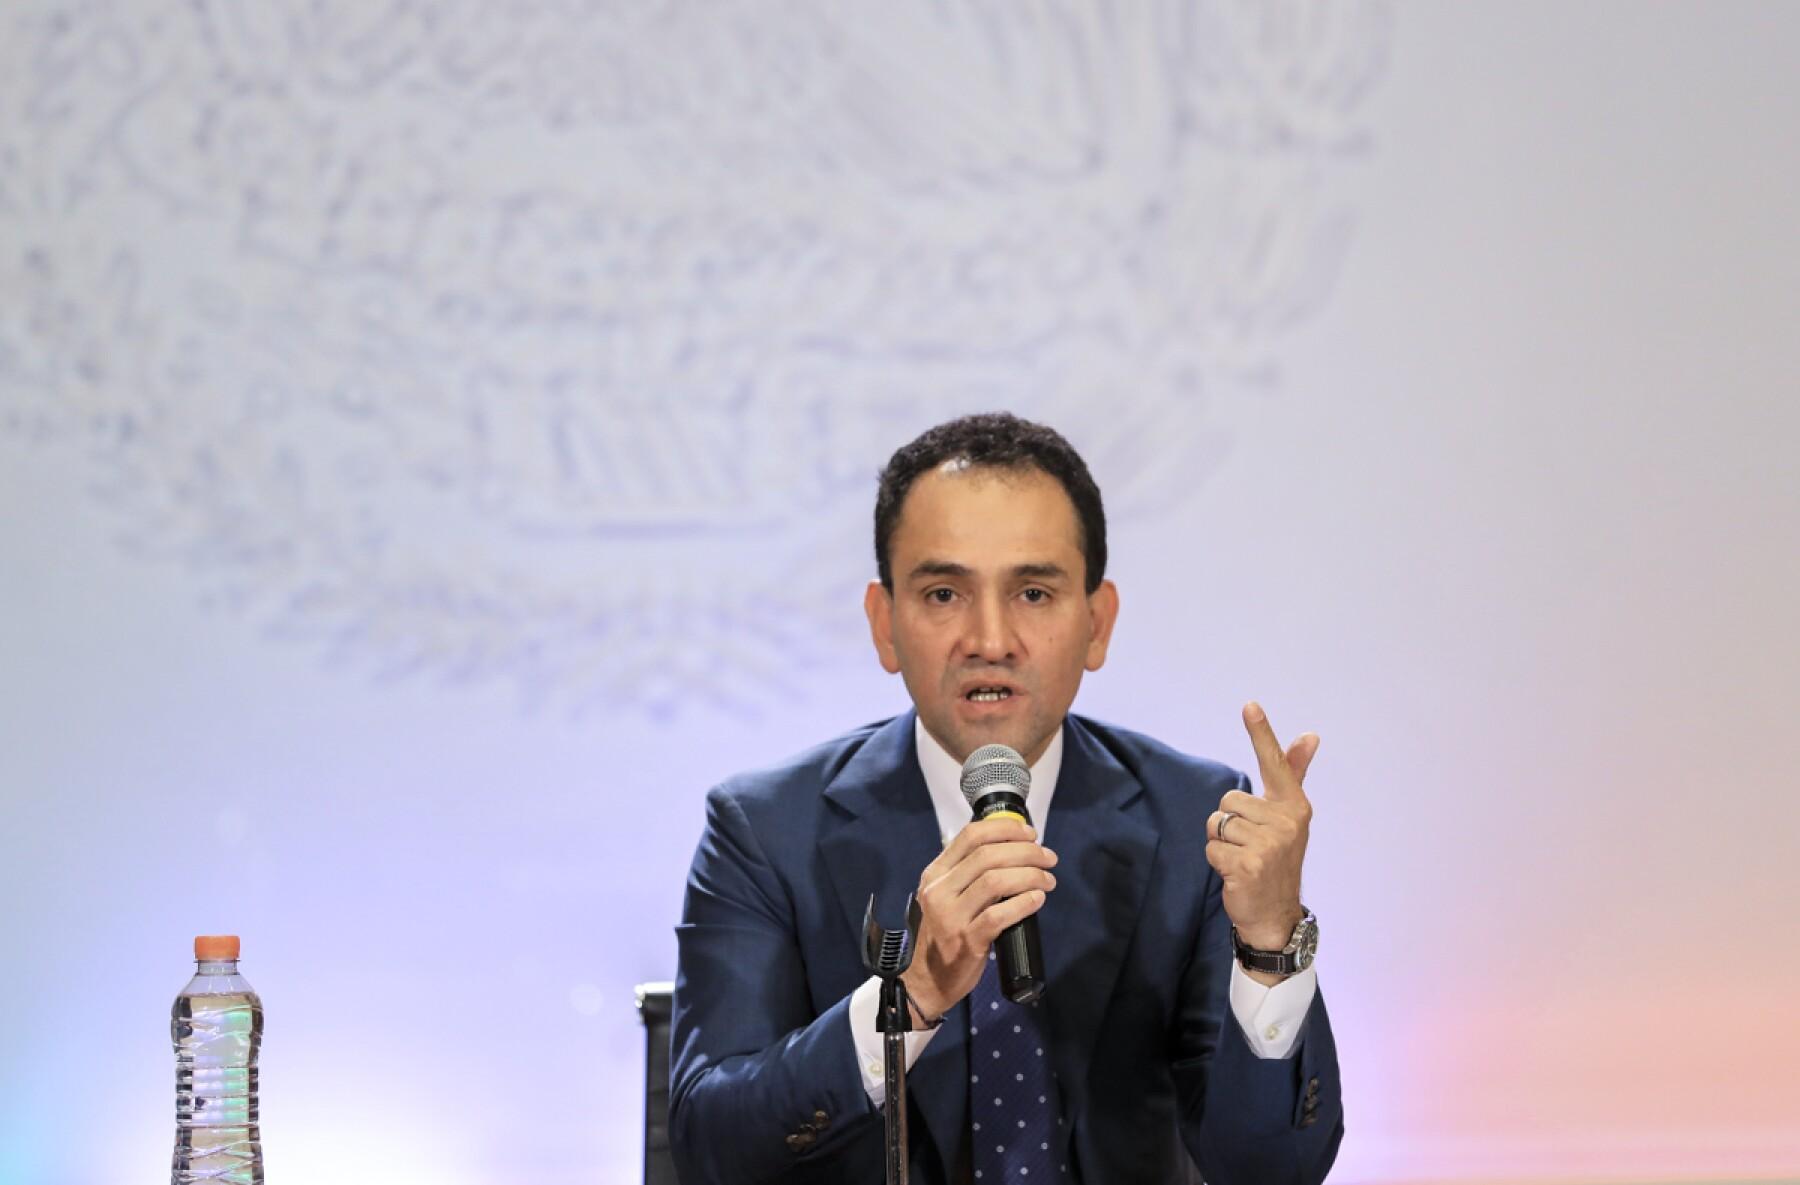 Arturo Herrera Conferencia-2